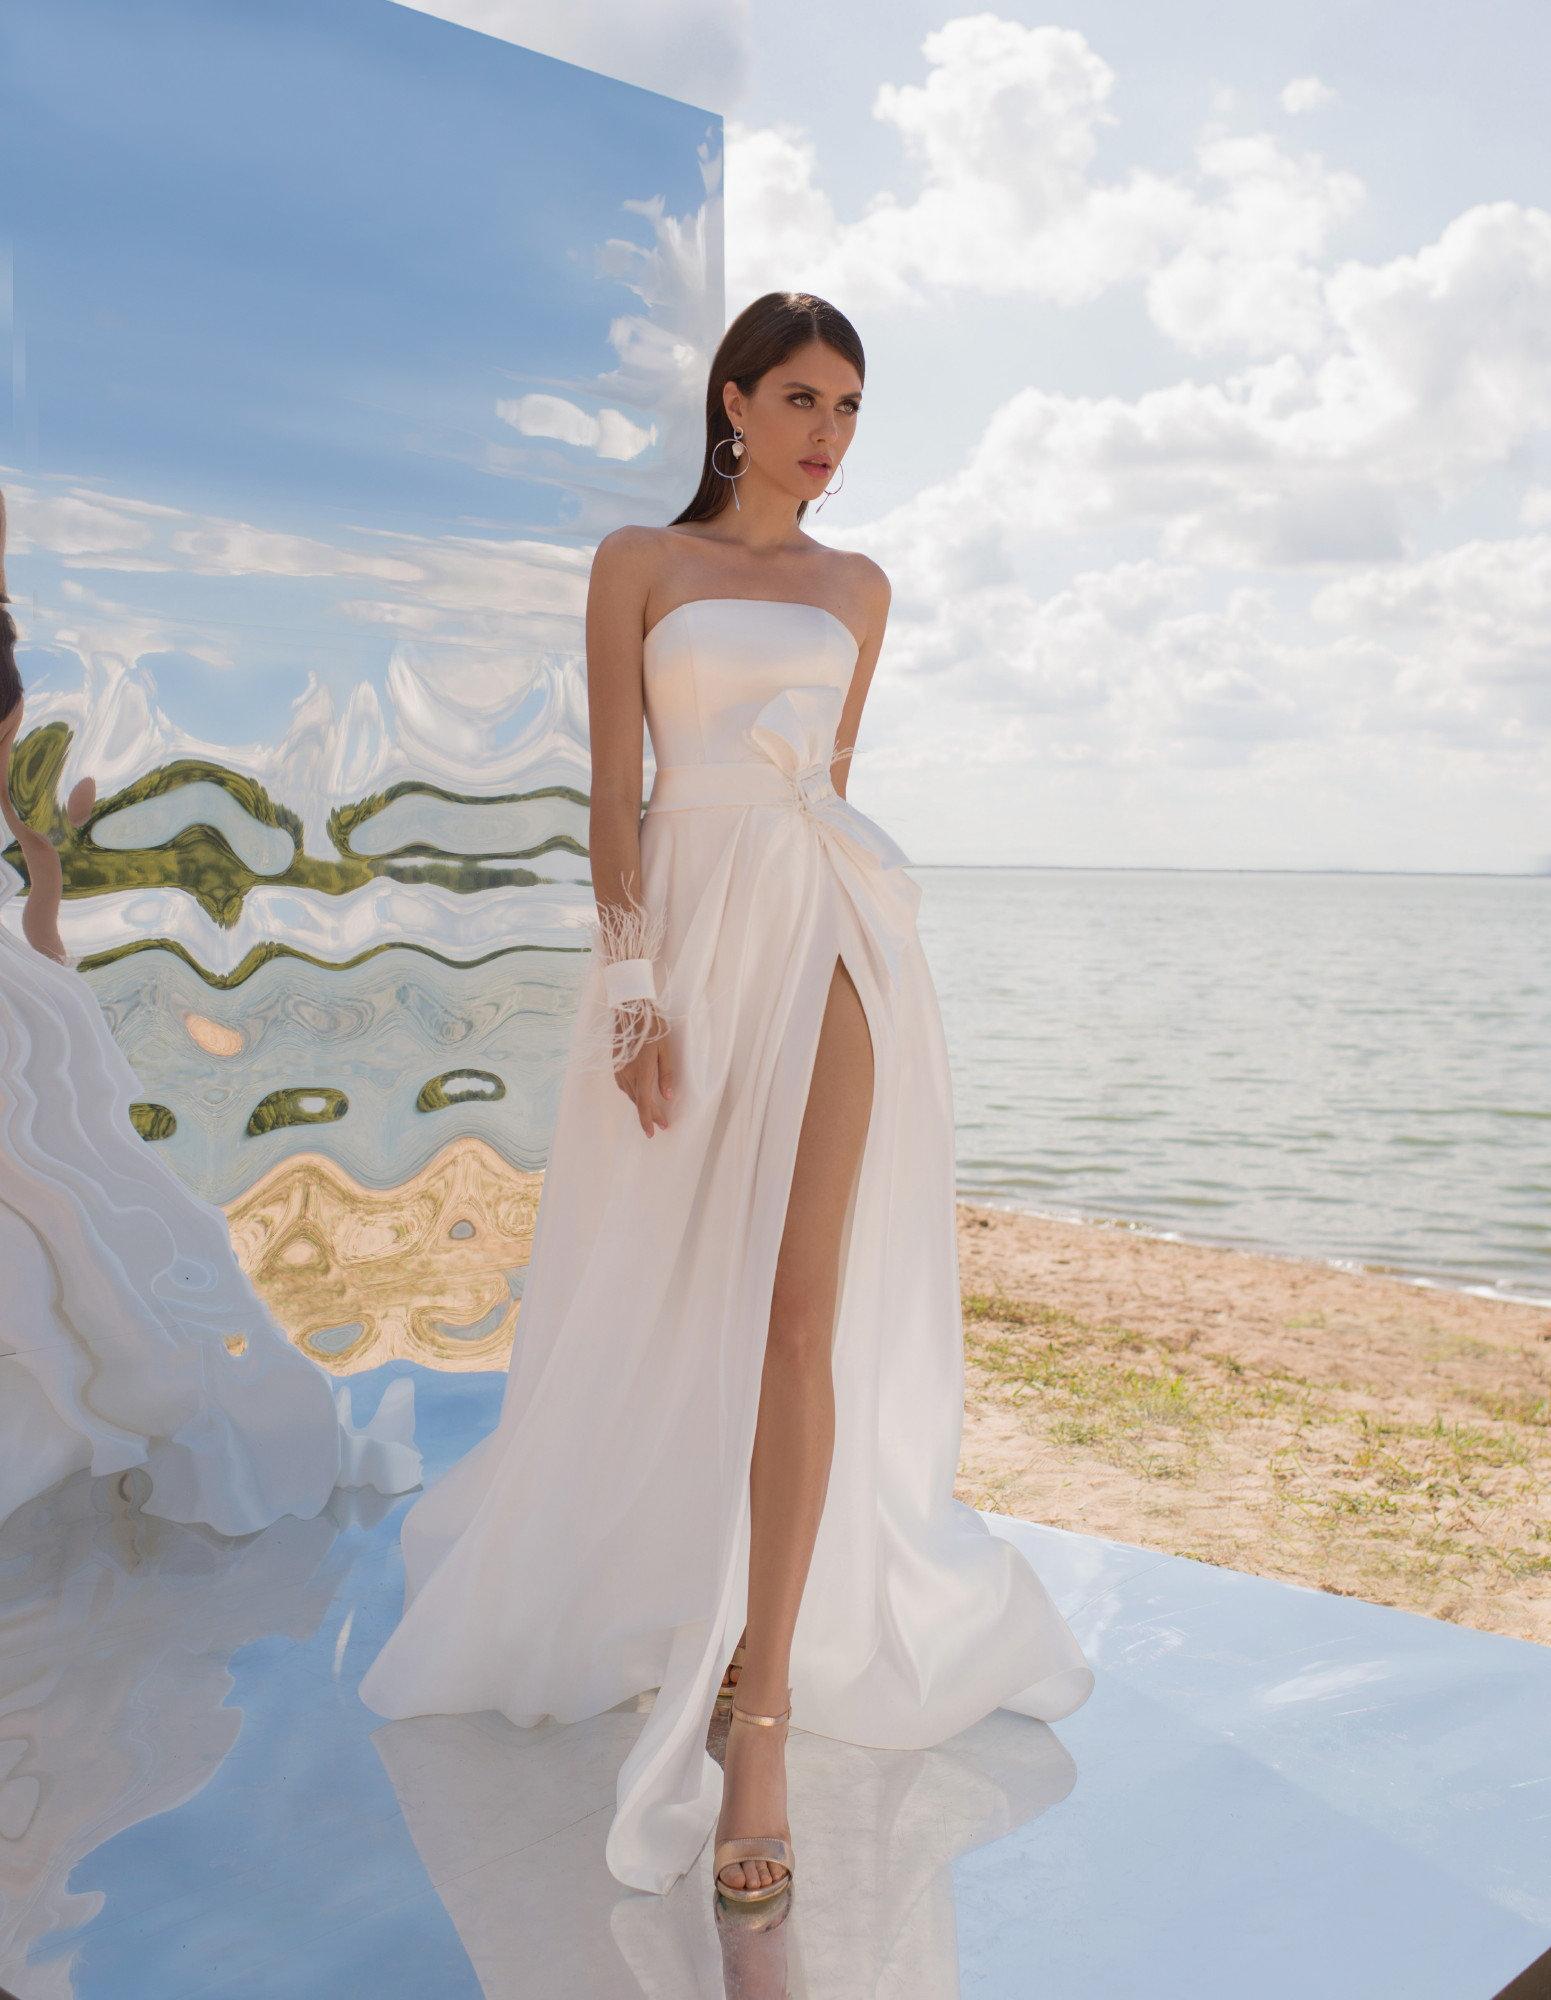 Gucci Wedding Dress